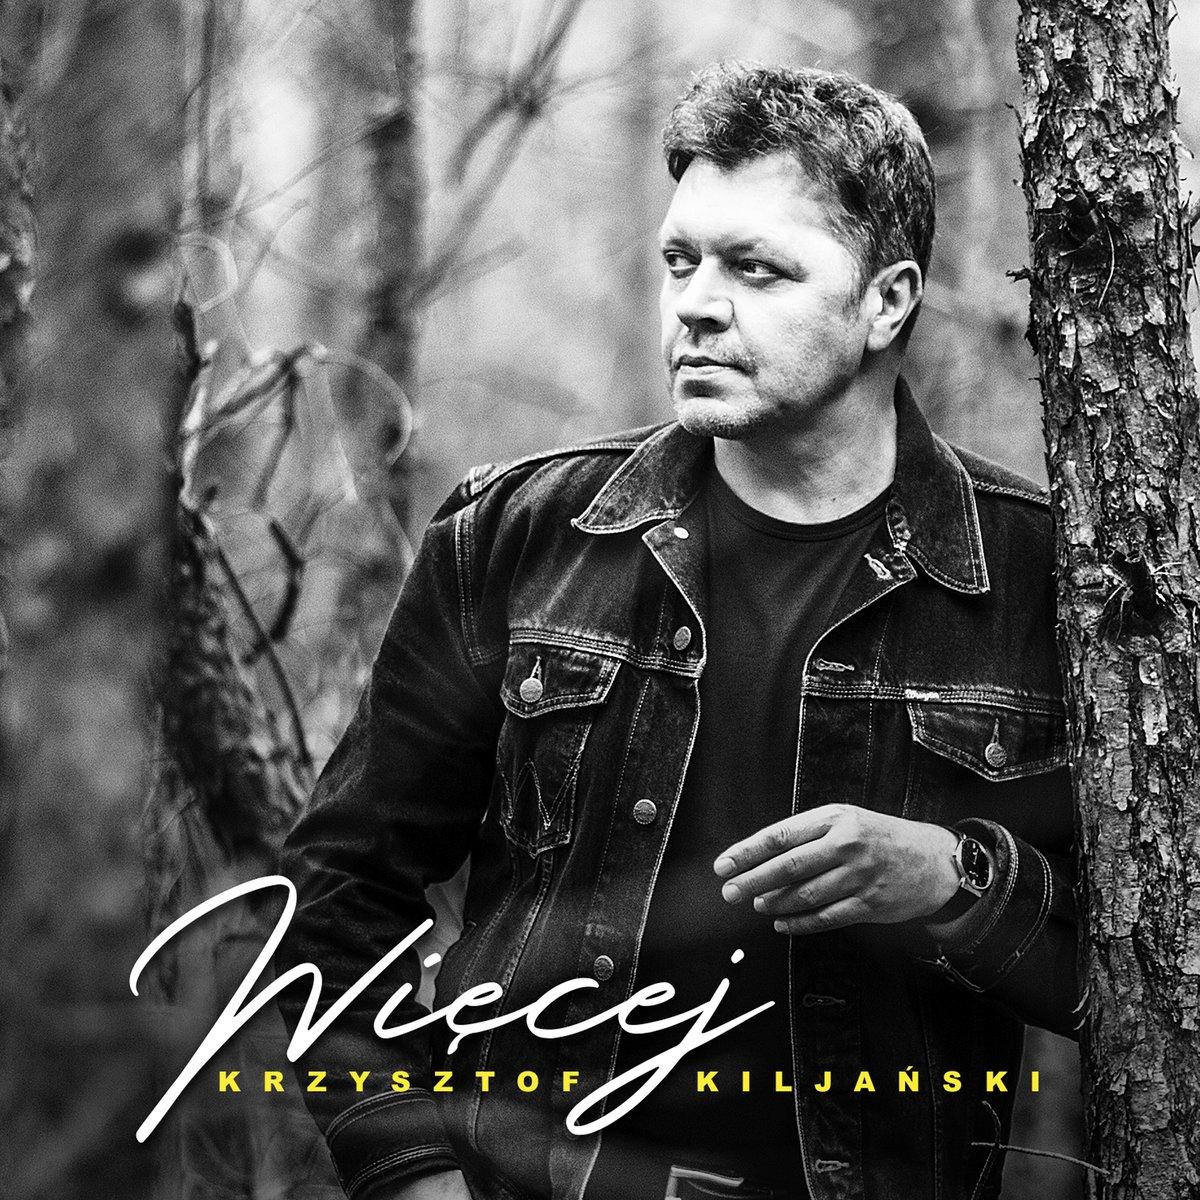 Kiljański Krzysztof – Więcej